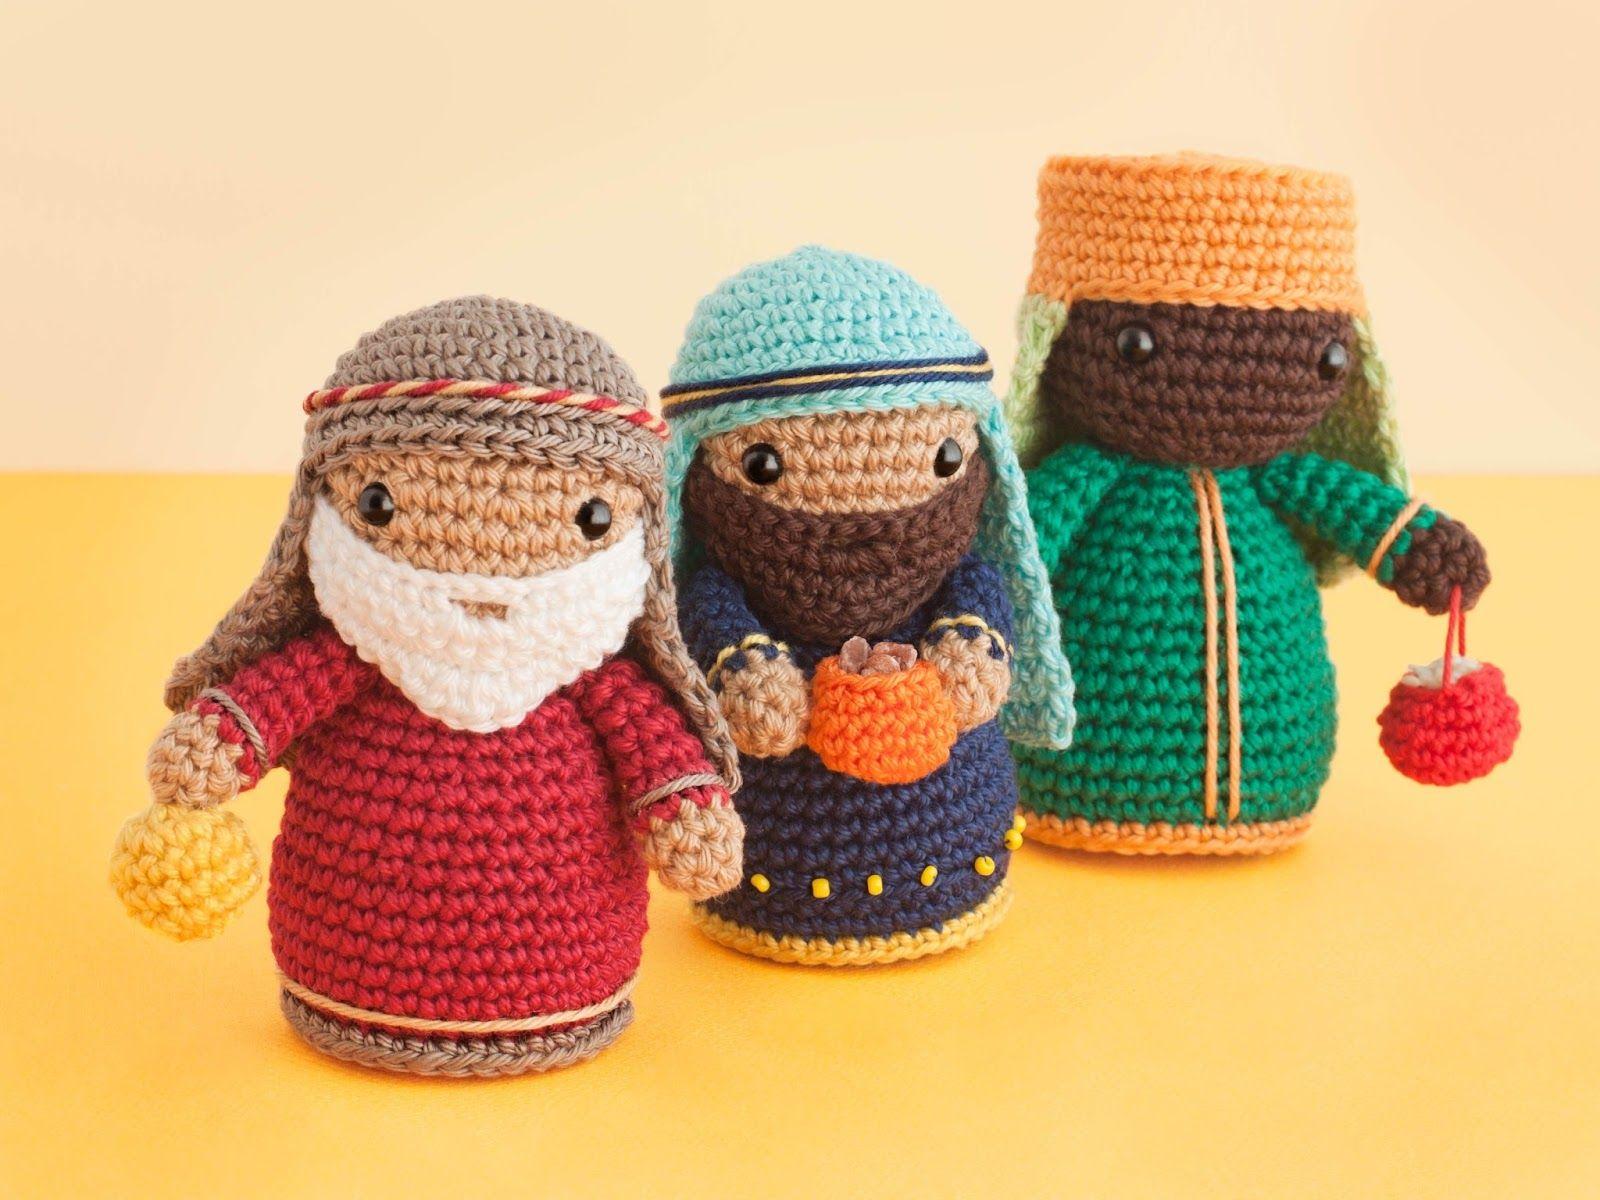 Amigurumi Tutorial Gratis : Pin by melanie lutz on crochet amigurumi crochet